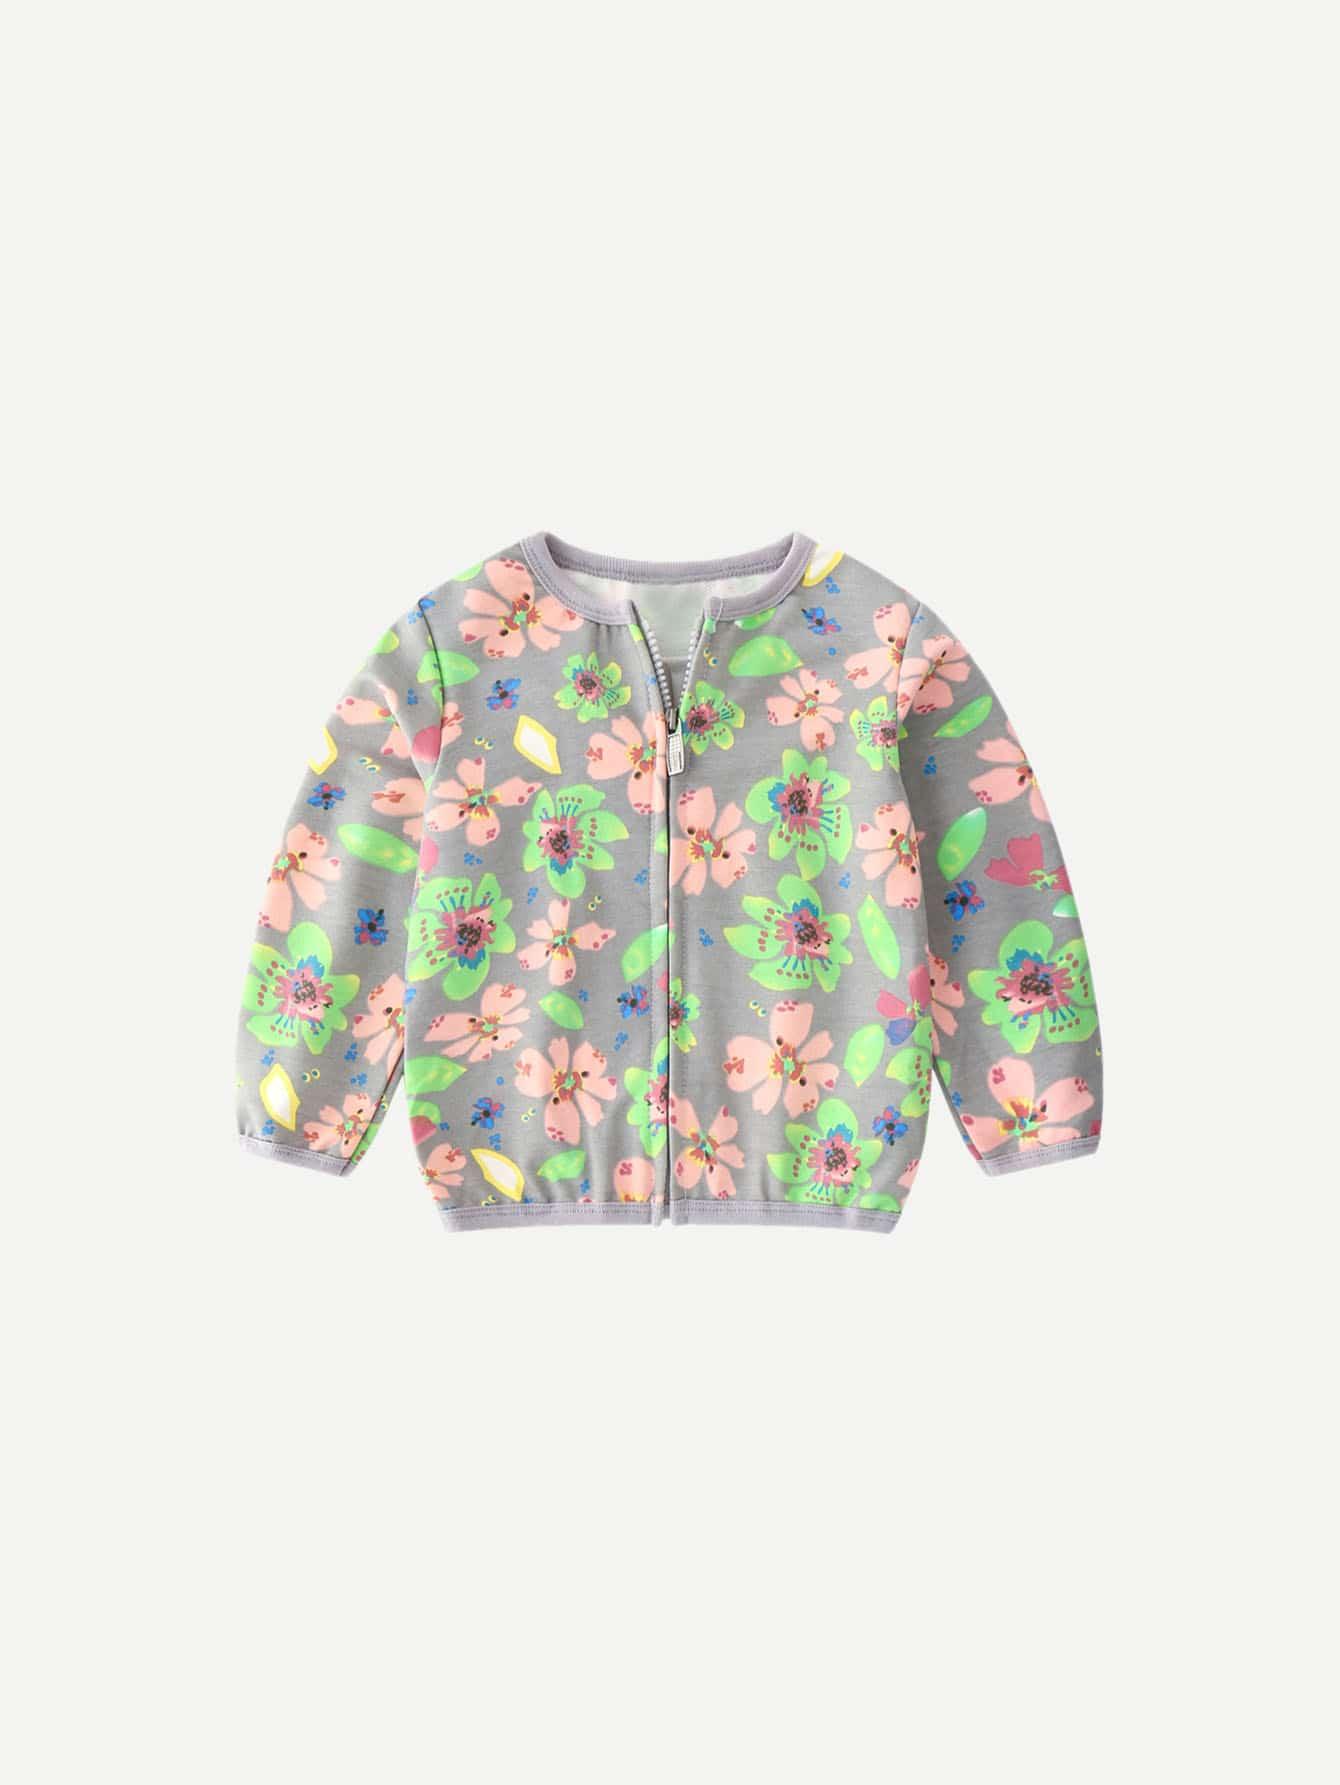 Купить Для маленьких девочек куртка с цветочным принтом, null, SheIn